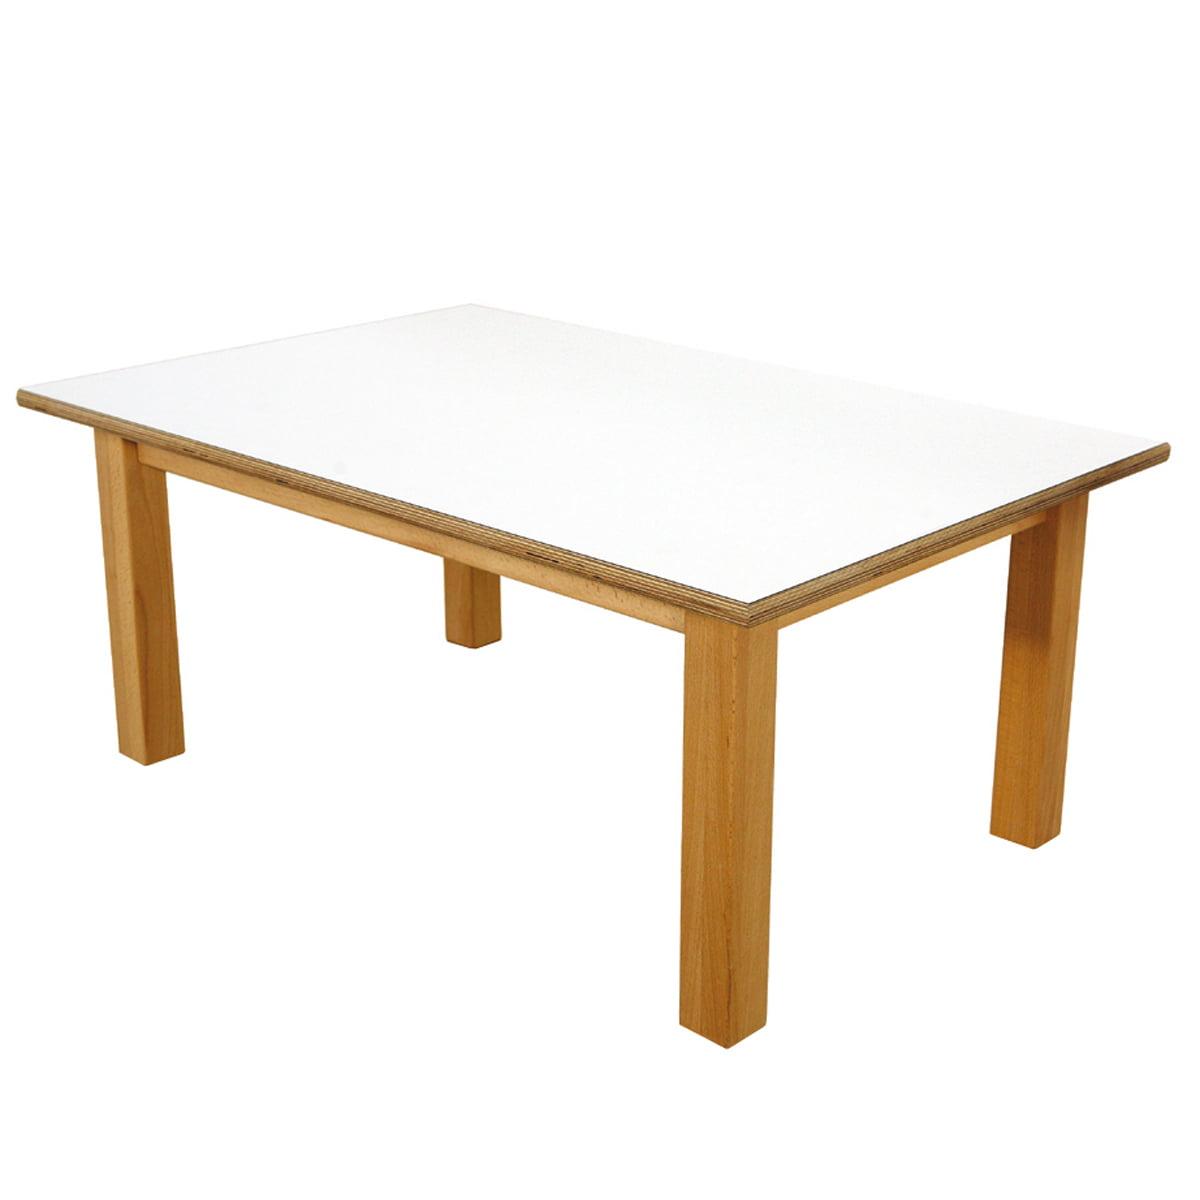 De Breuyn - debe.detail Kindertisch 60 x 90 cm, weiß | Kinderzimmer > Kindertische > Spieltische | Weiß | Tischplatte: 18mm schichtholzplatte -  beidseitig mit weißem hpl belegt -  tischgestell: buche massiv -  geölt | De Breuyn